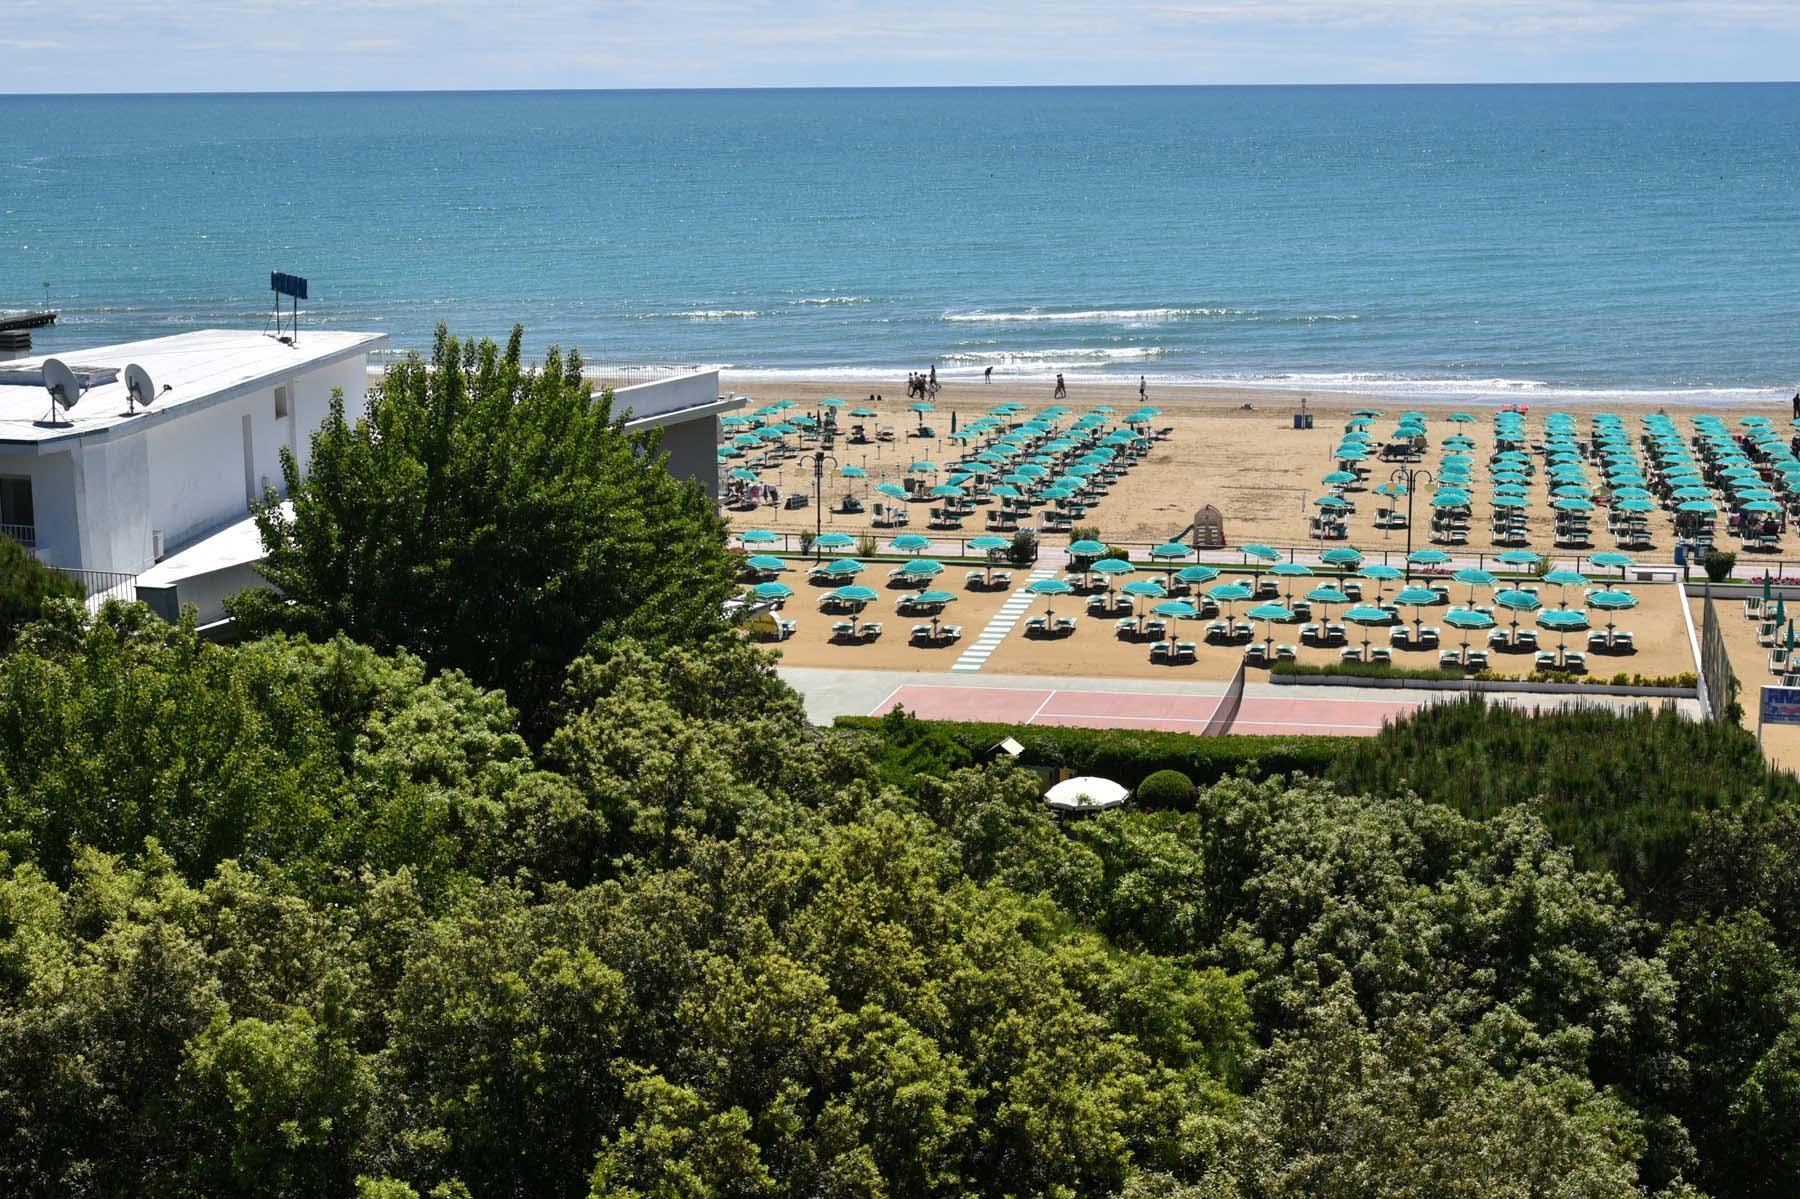 Hotel 3 stelle jesolo fronte mare con spiaggia privata hotel janeiro - Hotel jesolo con piscina fronte mare ...